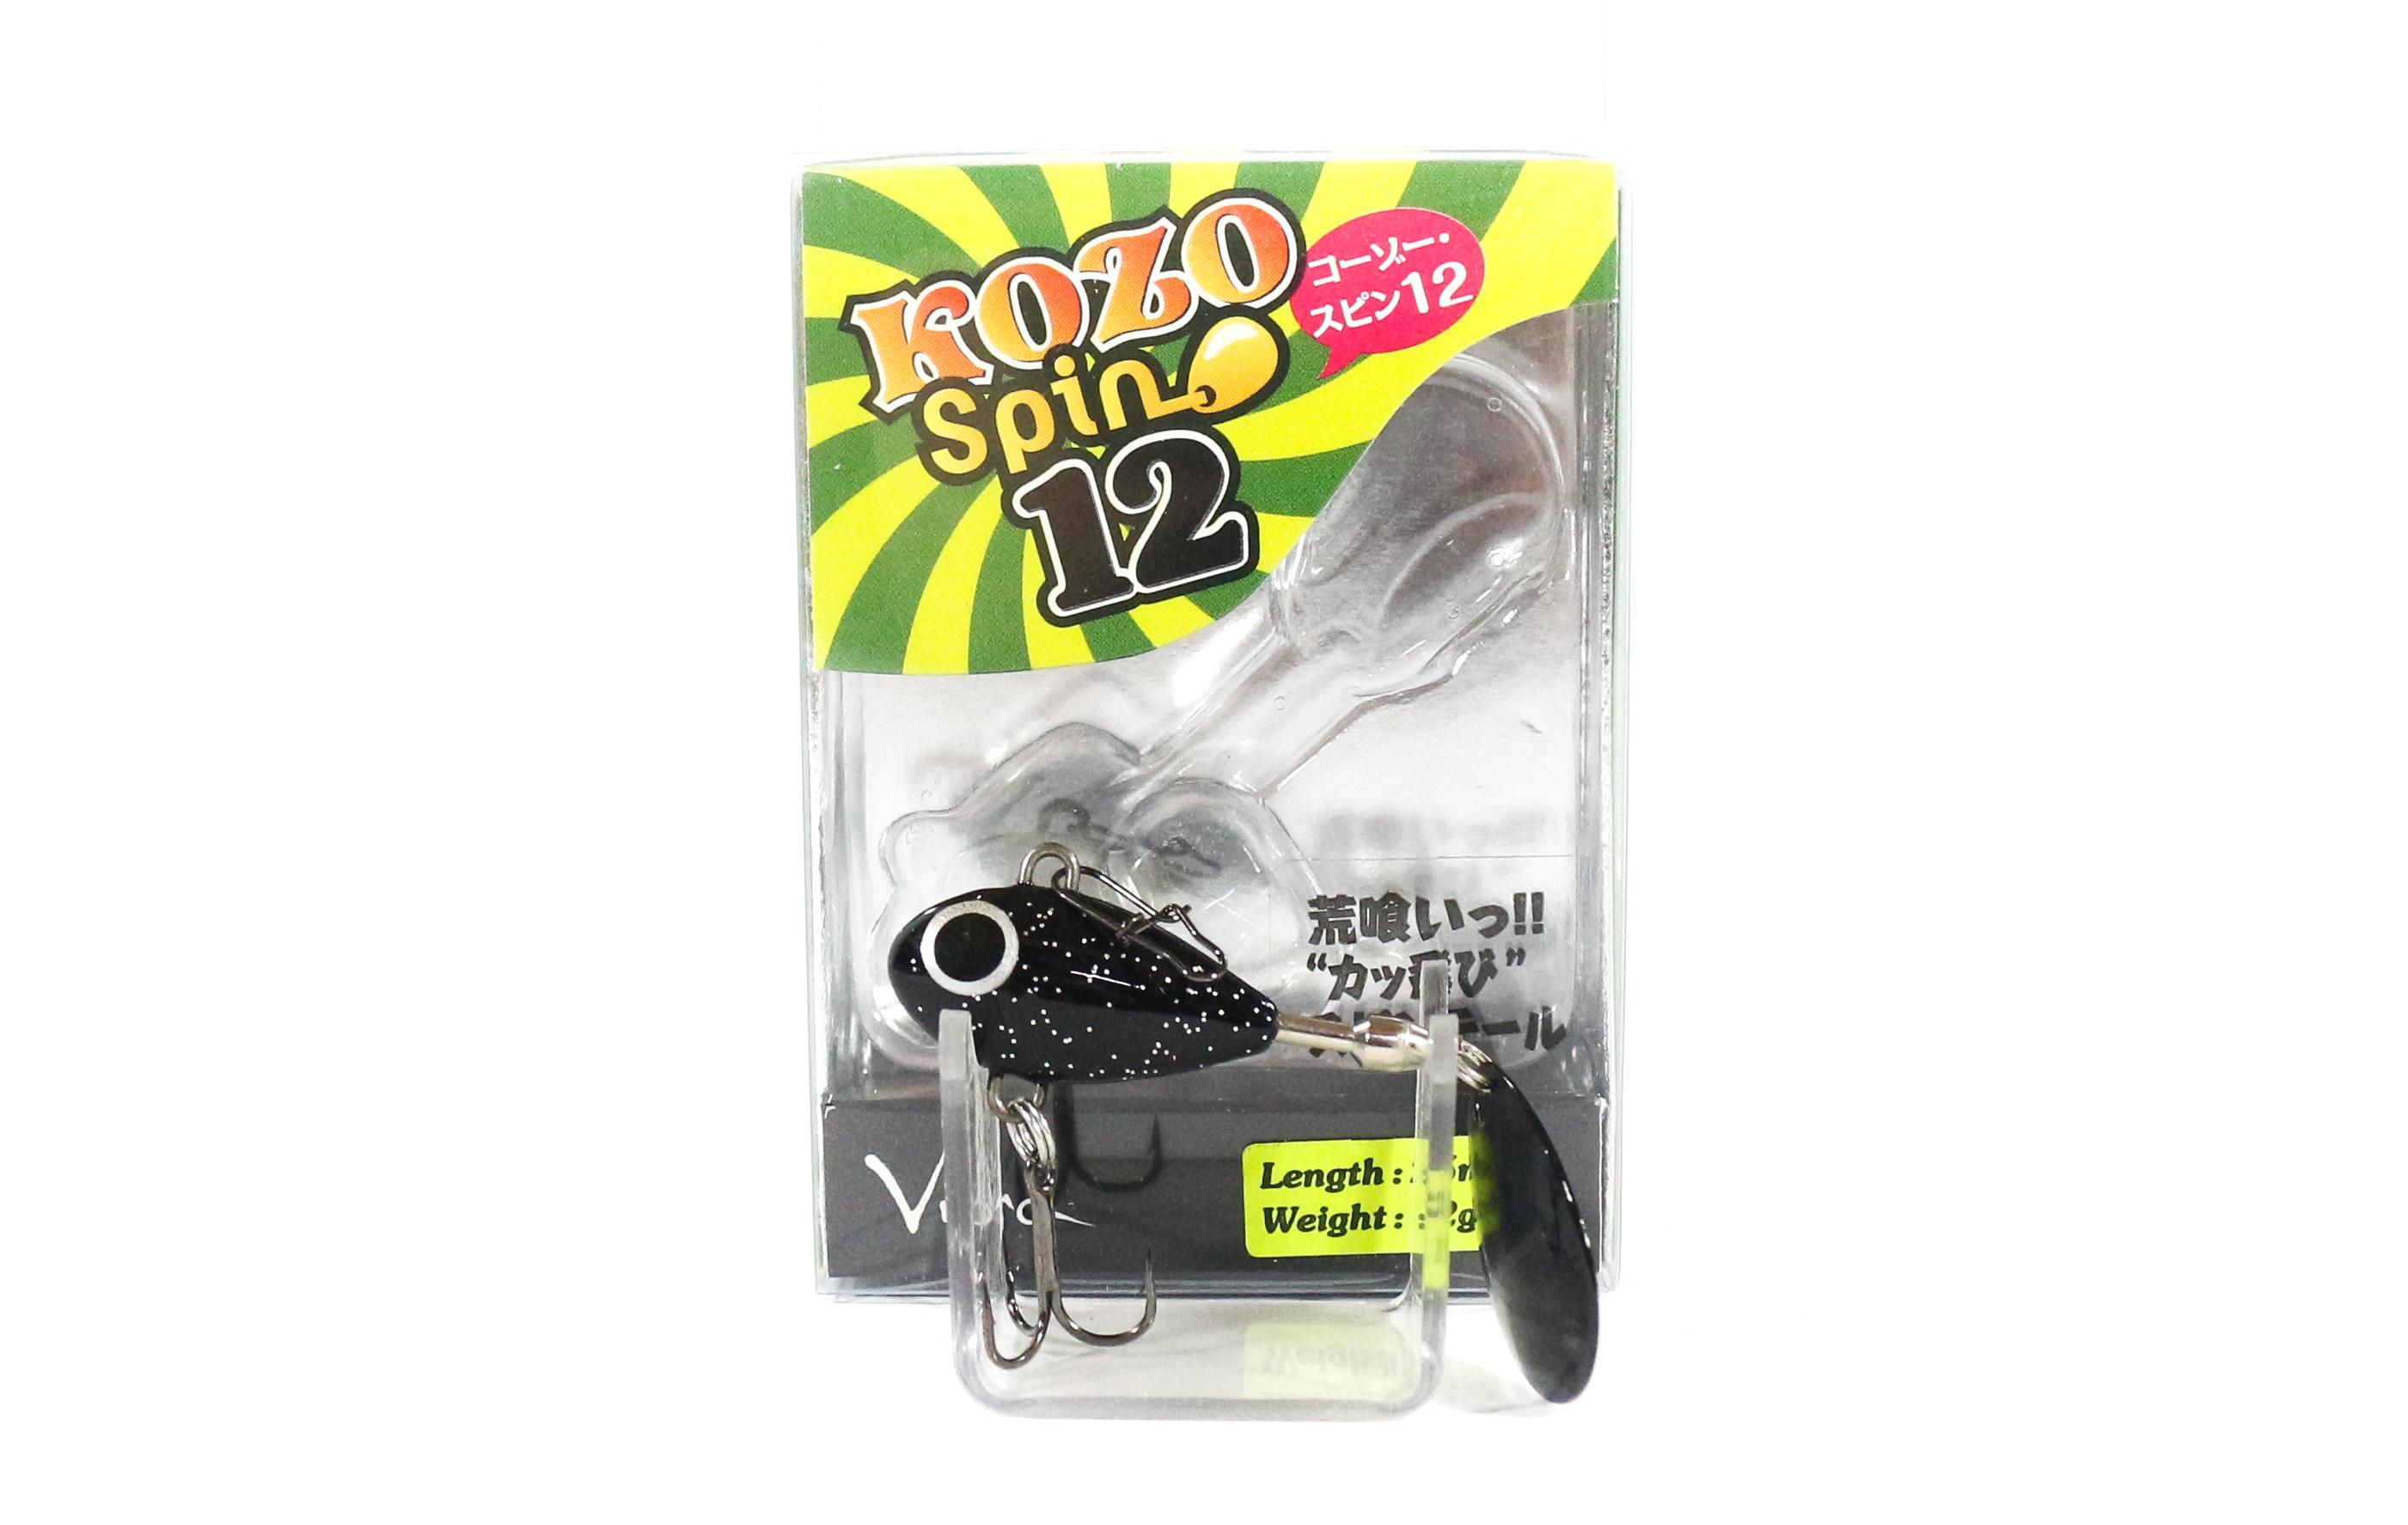 Viva Kozo Spin 12 grams Spinner Bait Lure 143 (7564)